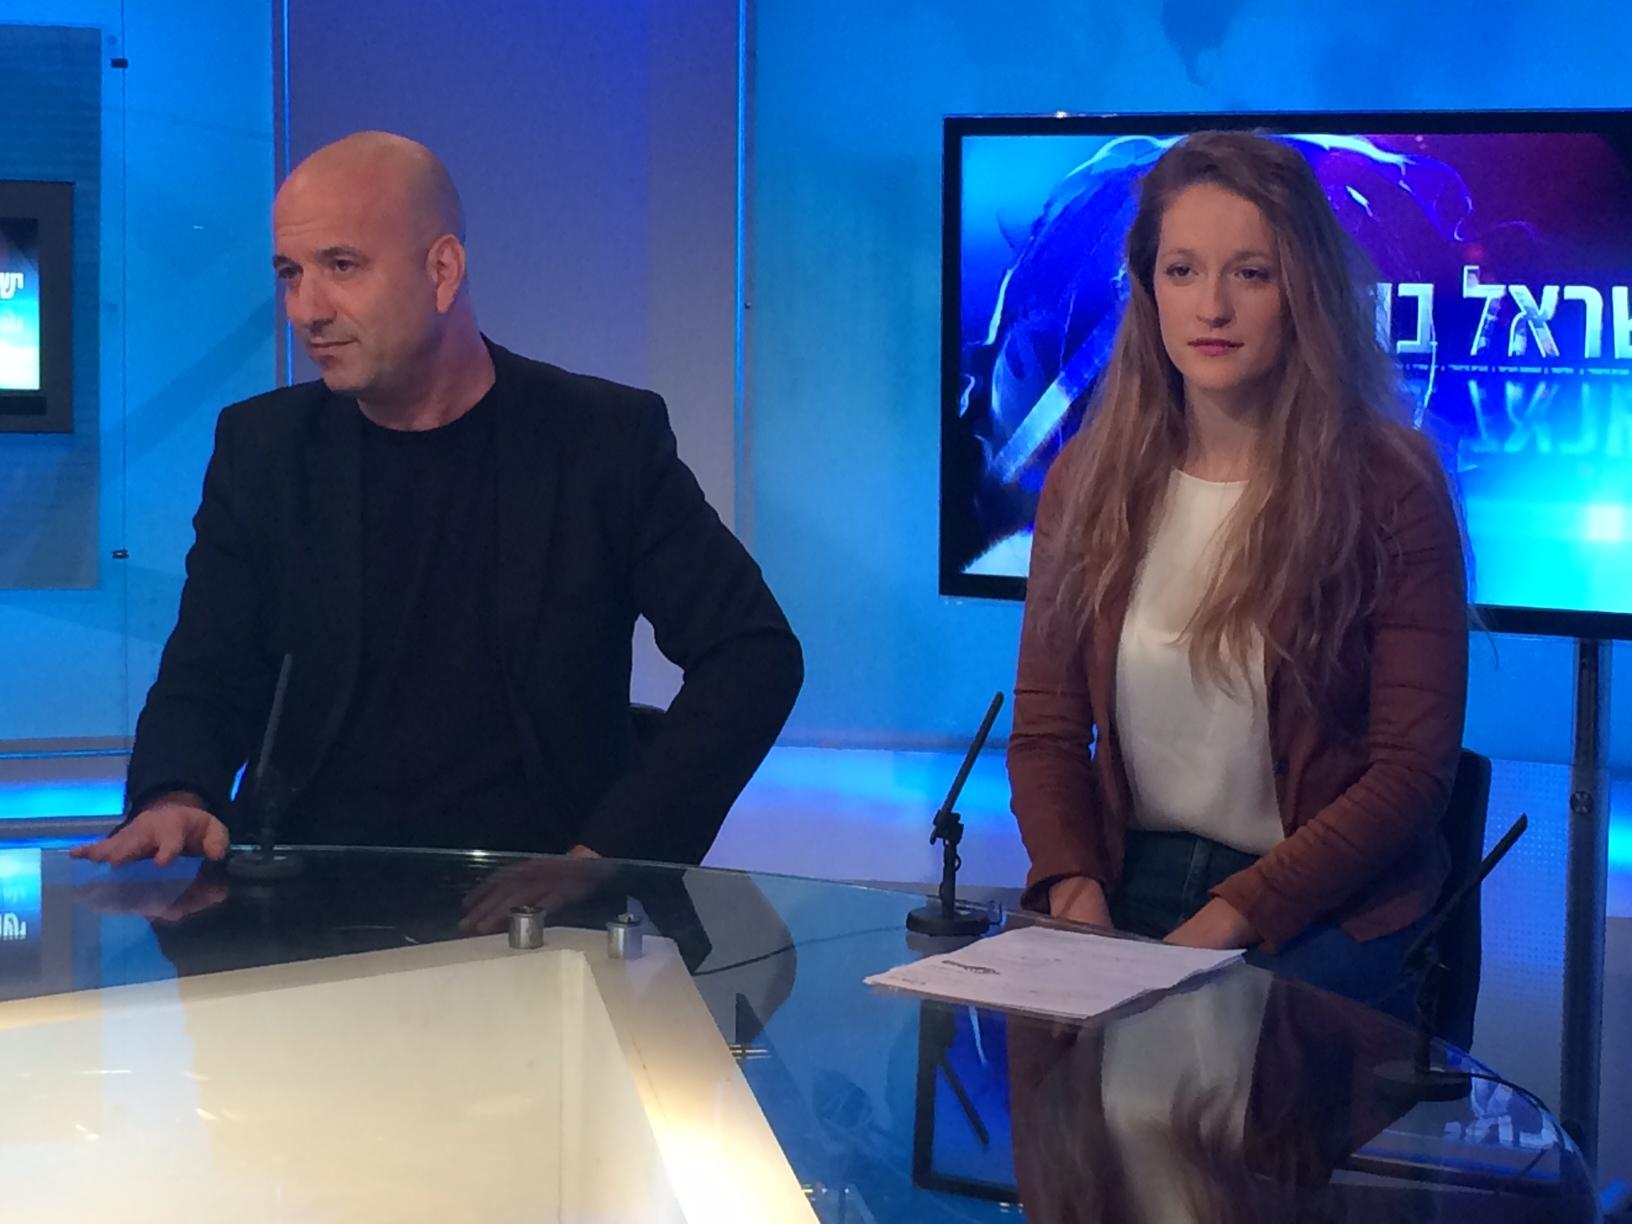 ישראל בוחרת - פוליטיקה במדיה הדיגיטלית